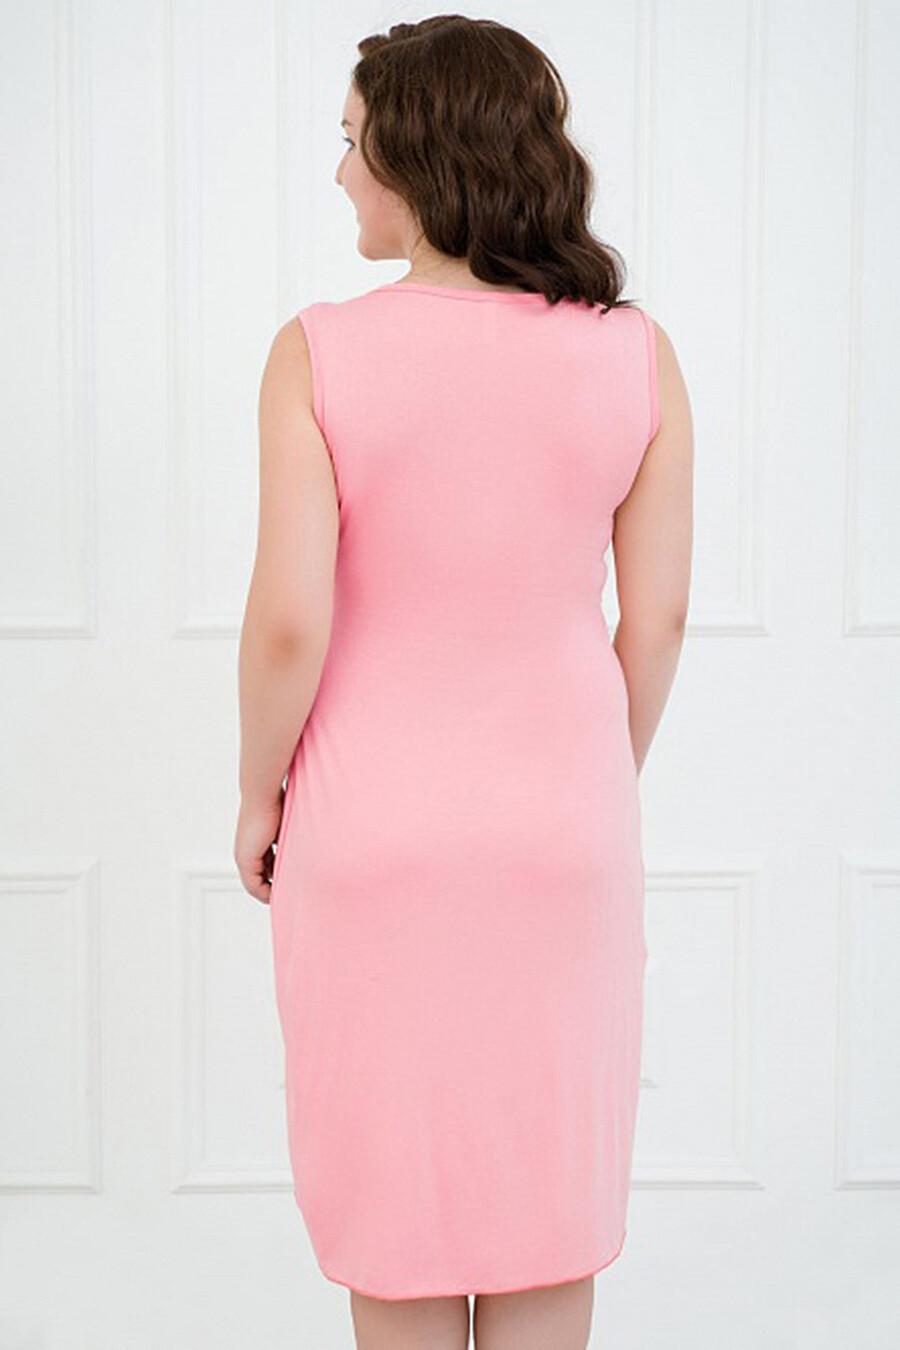 Ночная сорочка для женщин SHARLIZE 155297 купить оптом от производителя. Совместная покупка женской одежды в OptMoyo